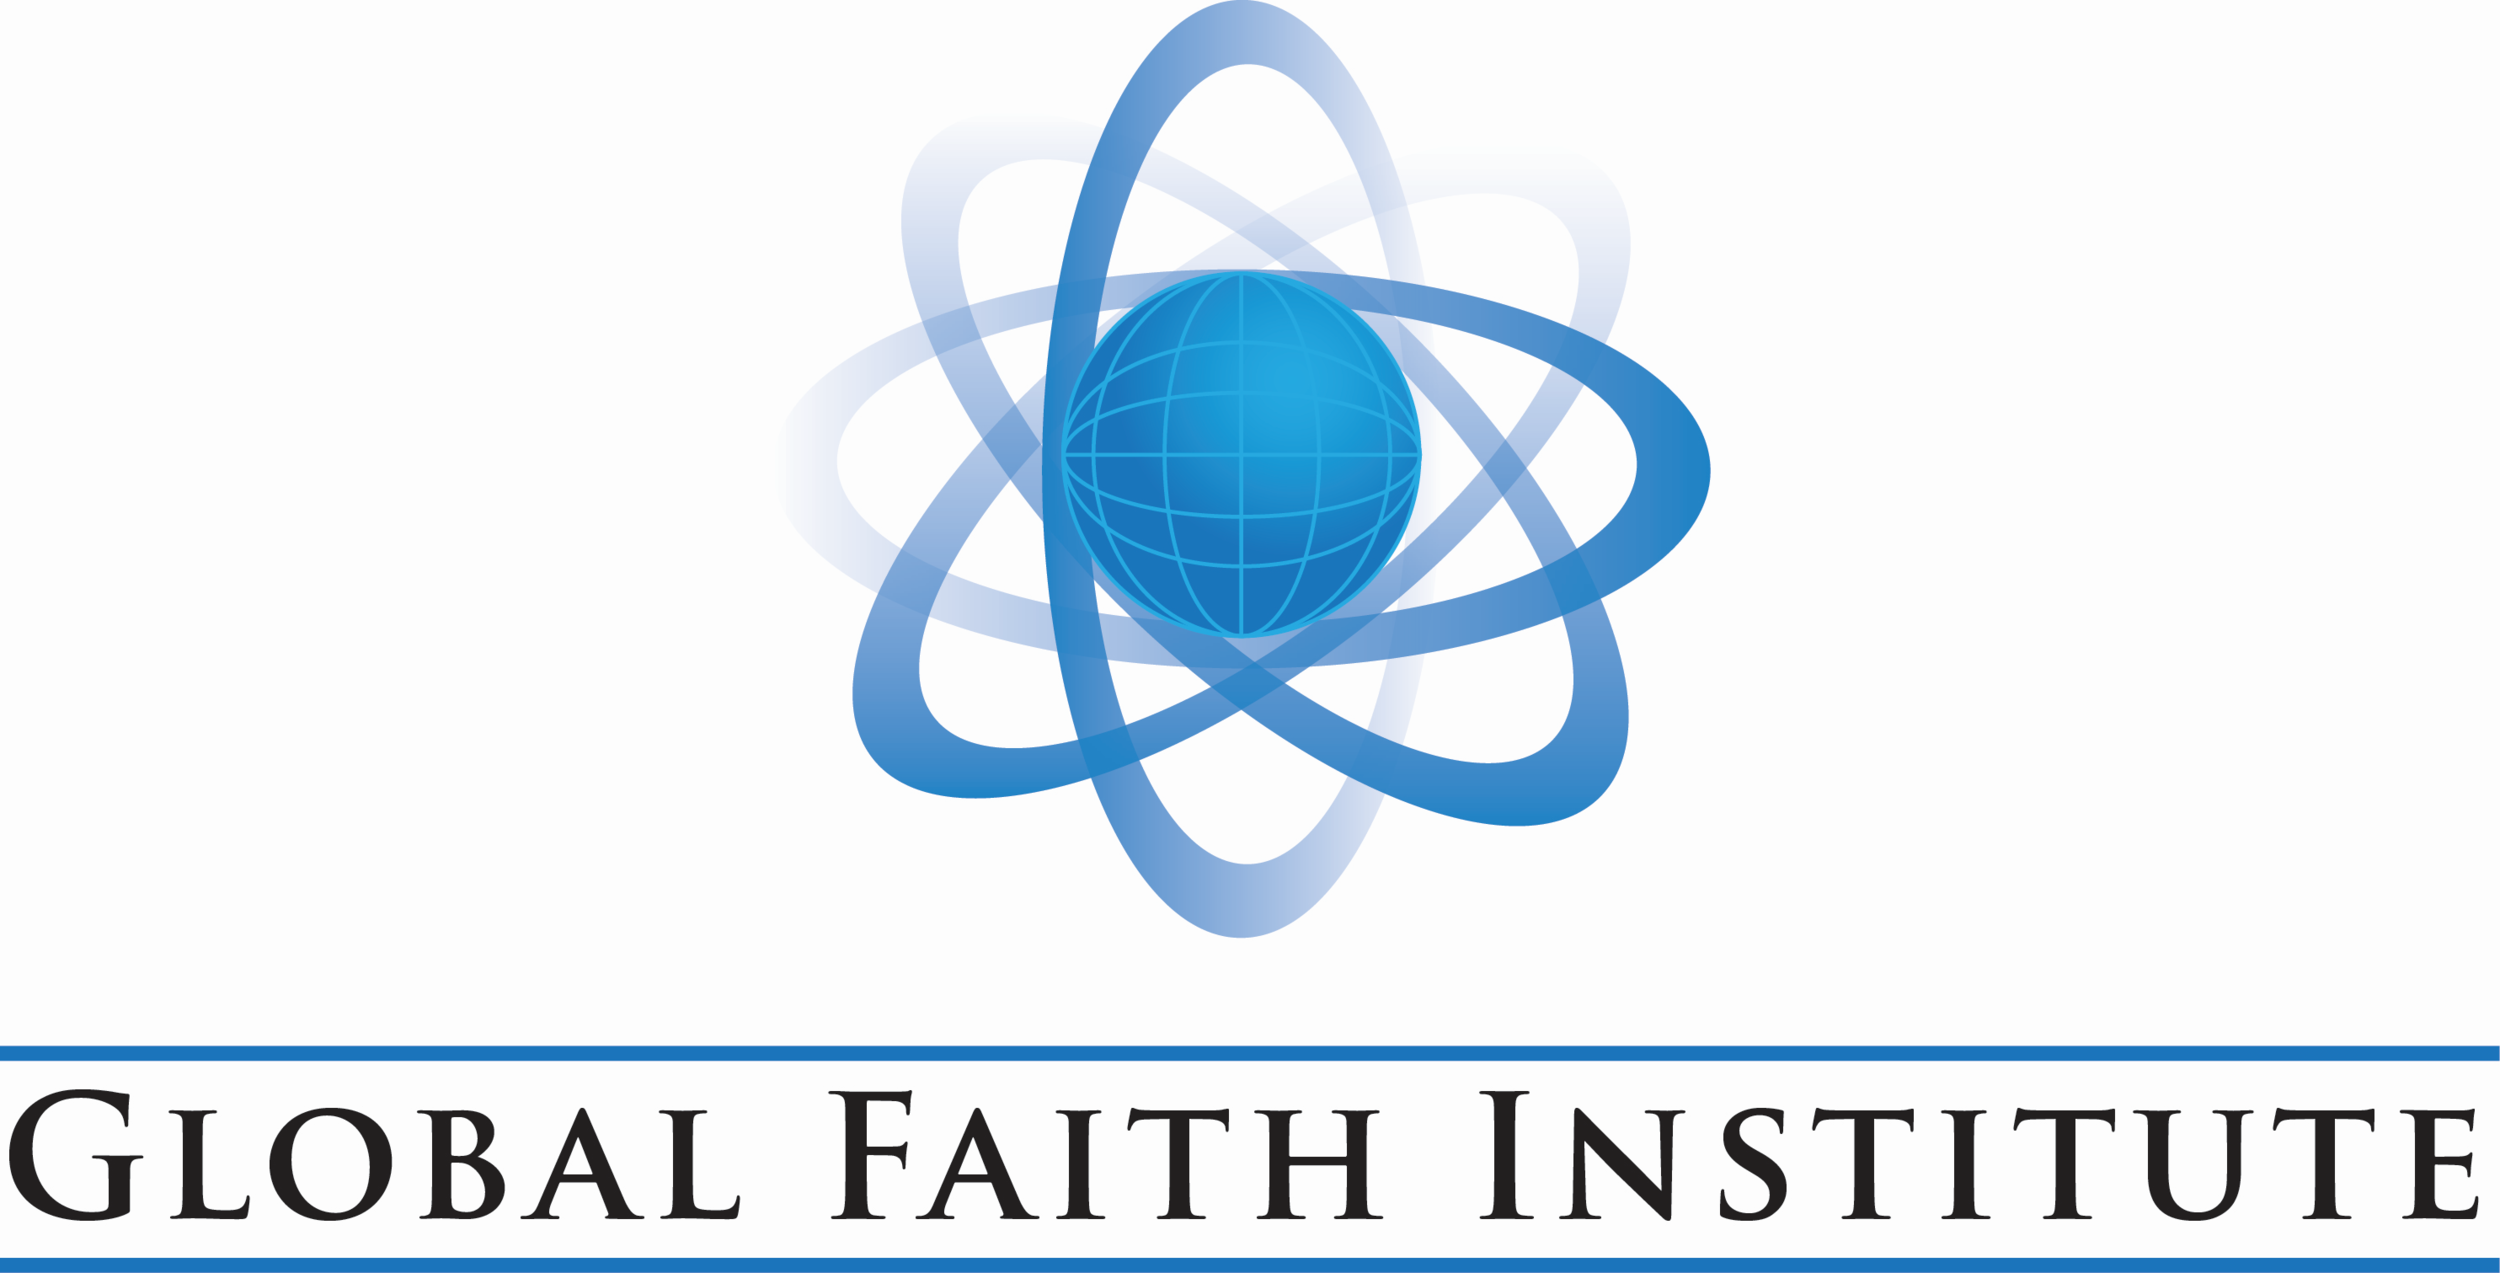 Global Faith Institute